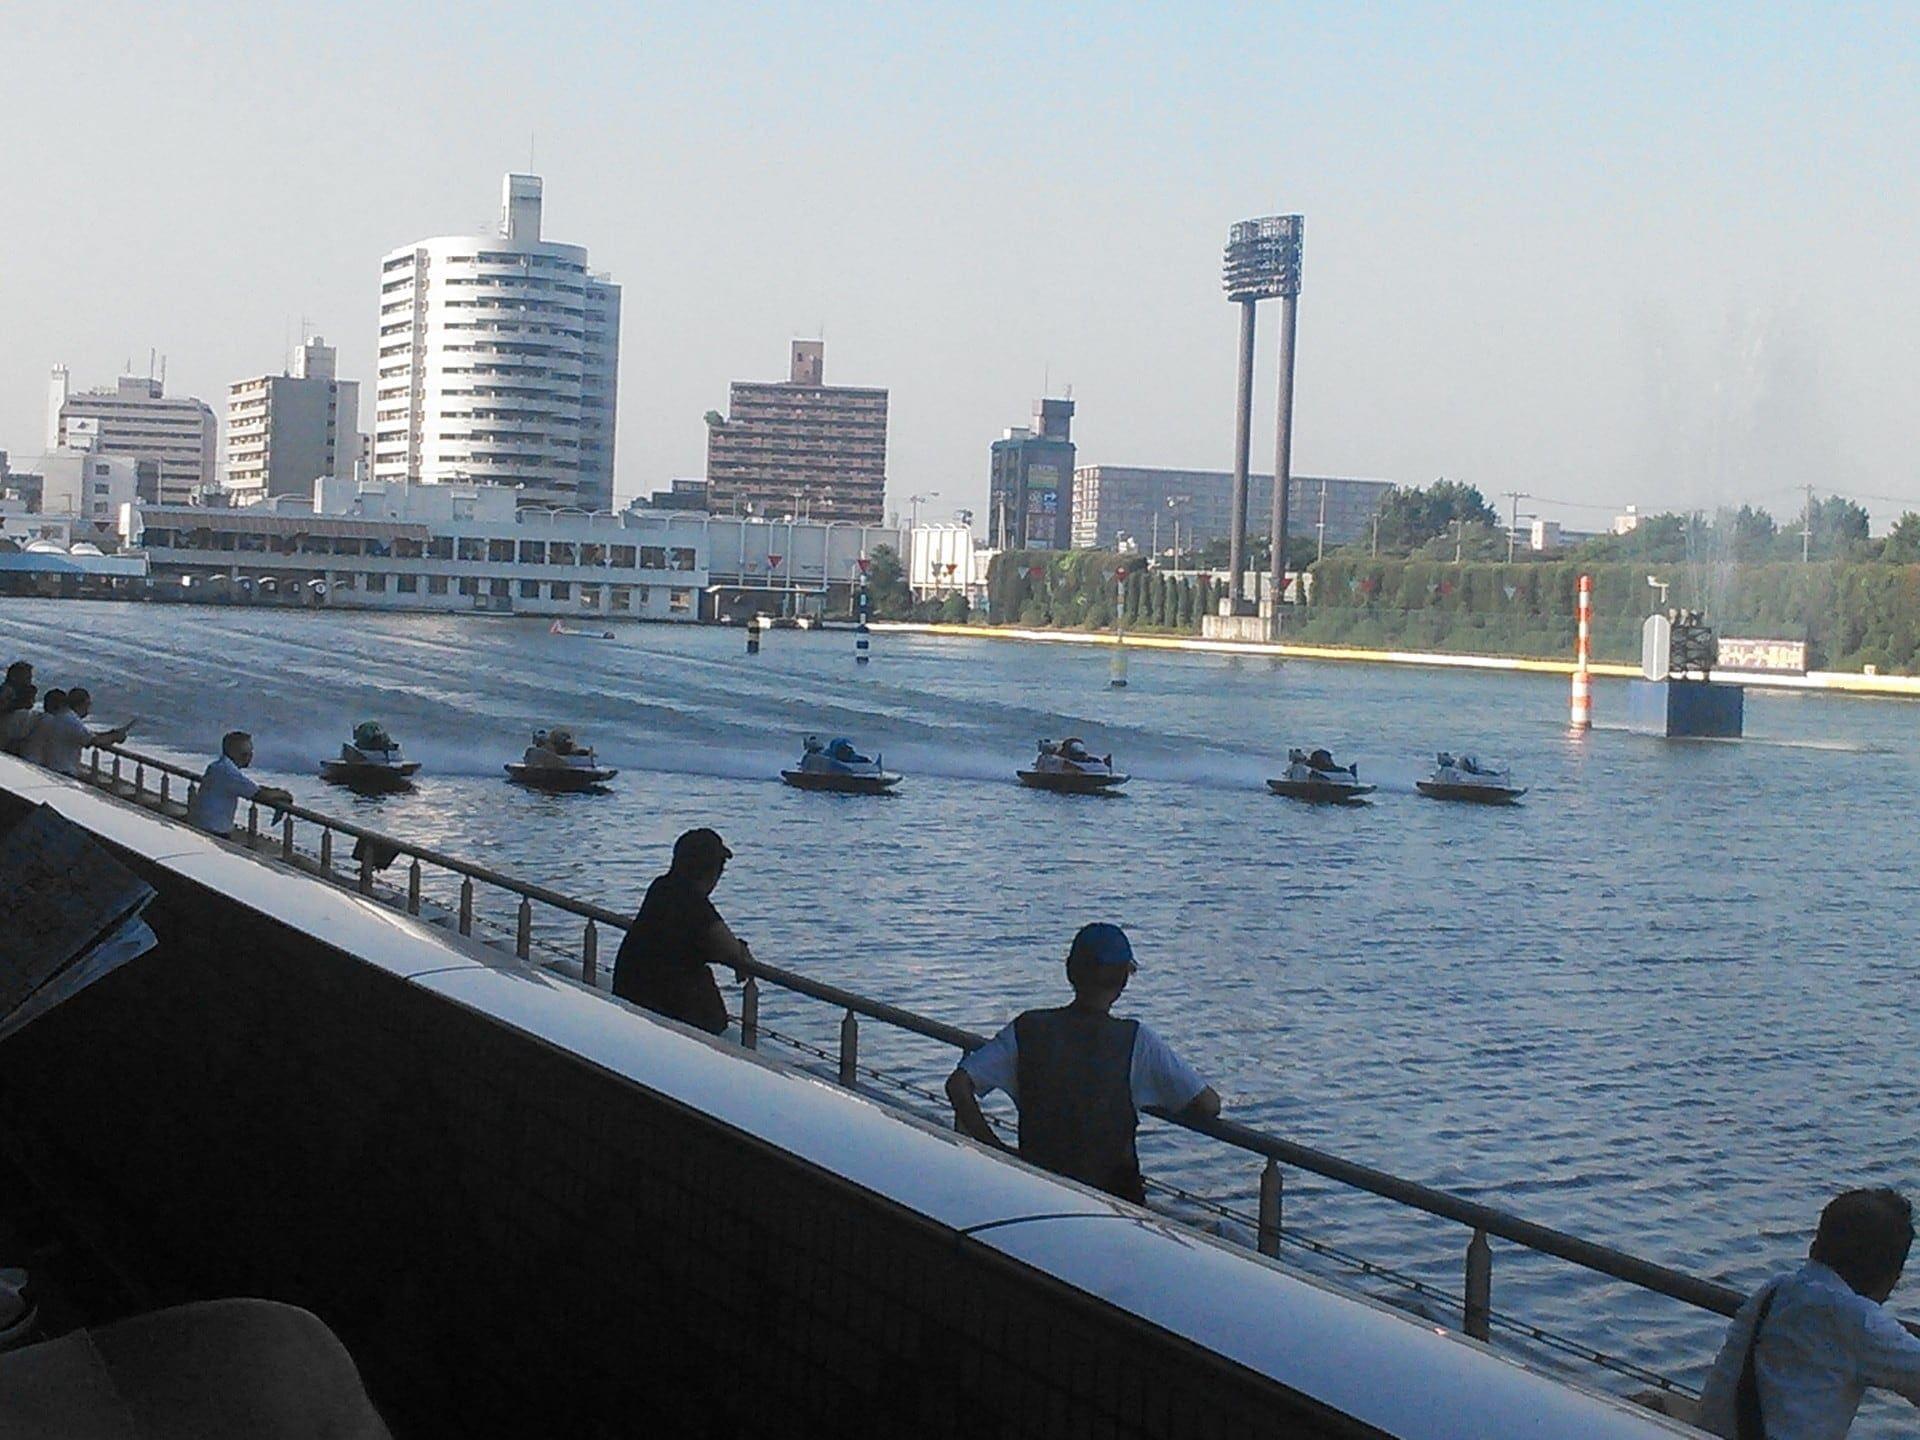 競艇(ボートレース)は日本全国各地に24場、韓国に1場